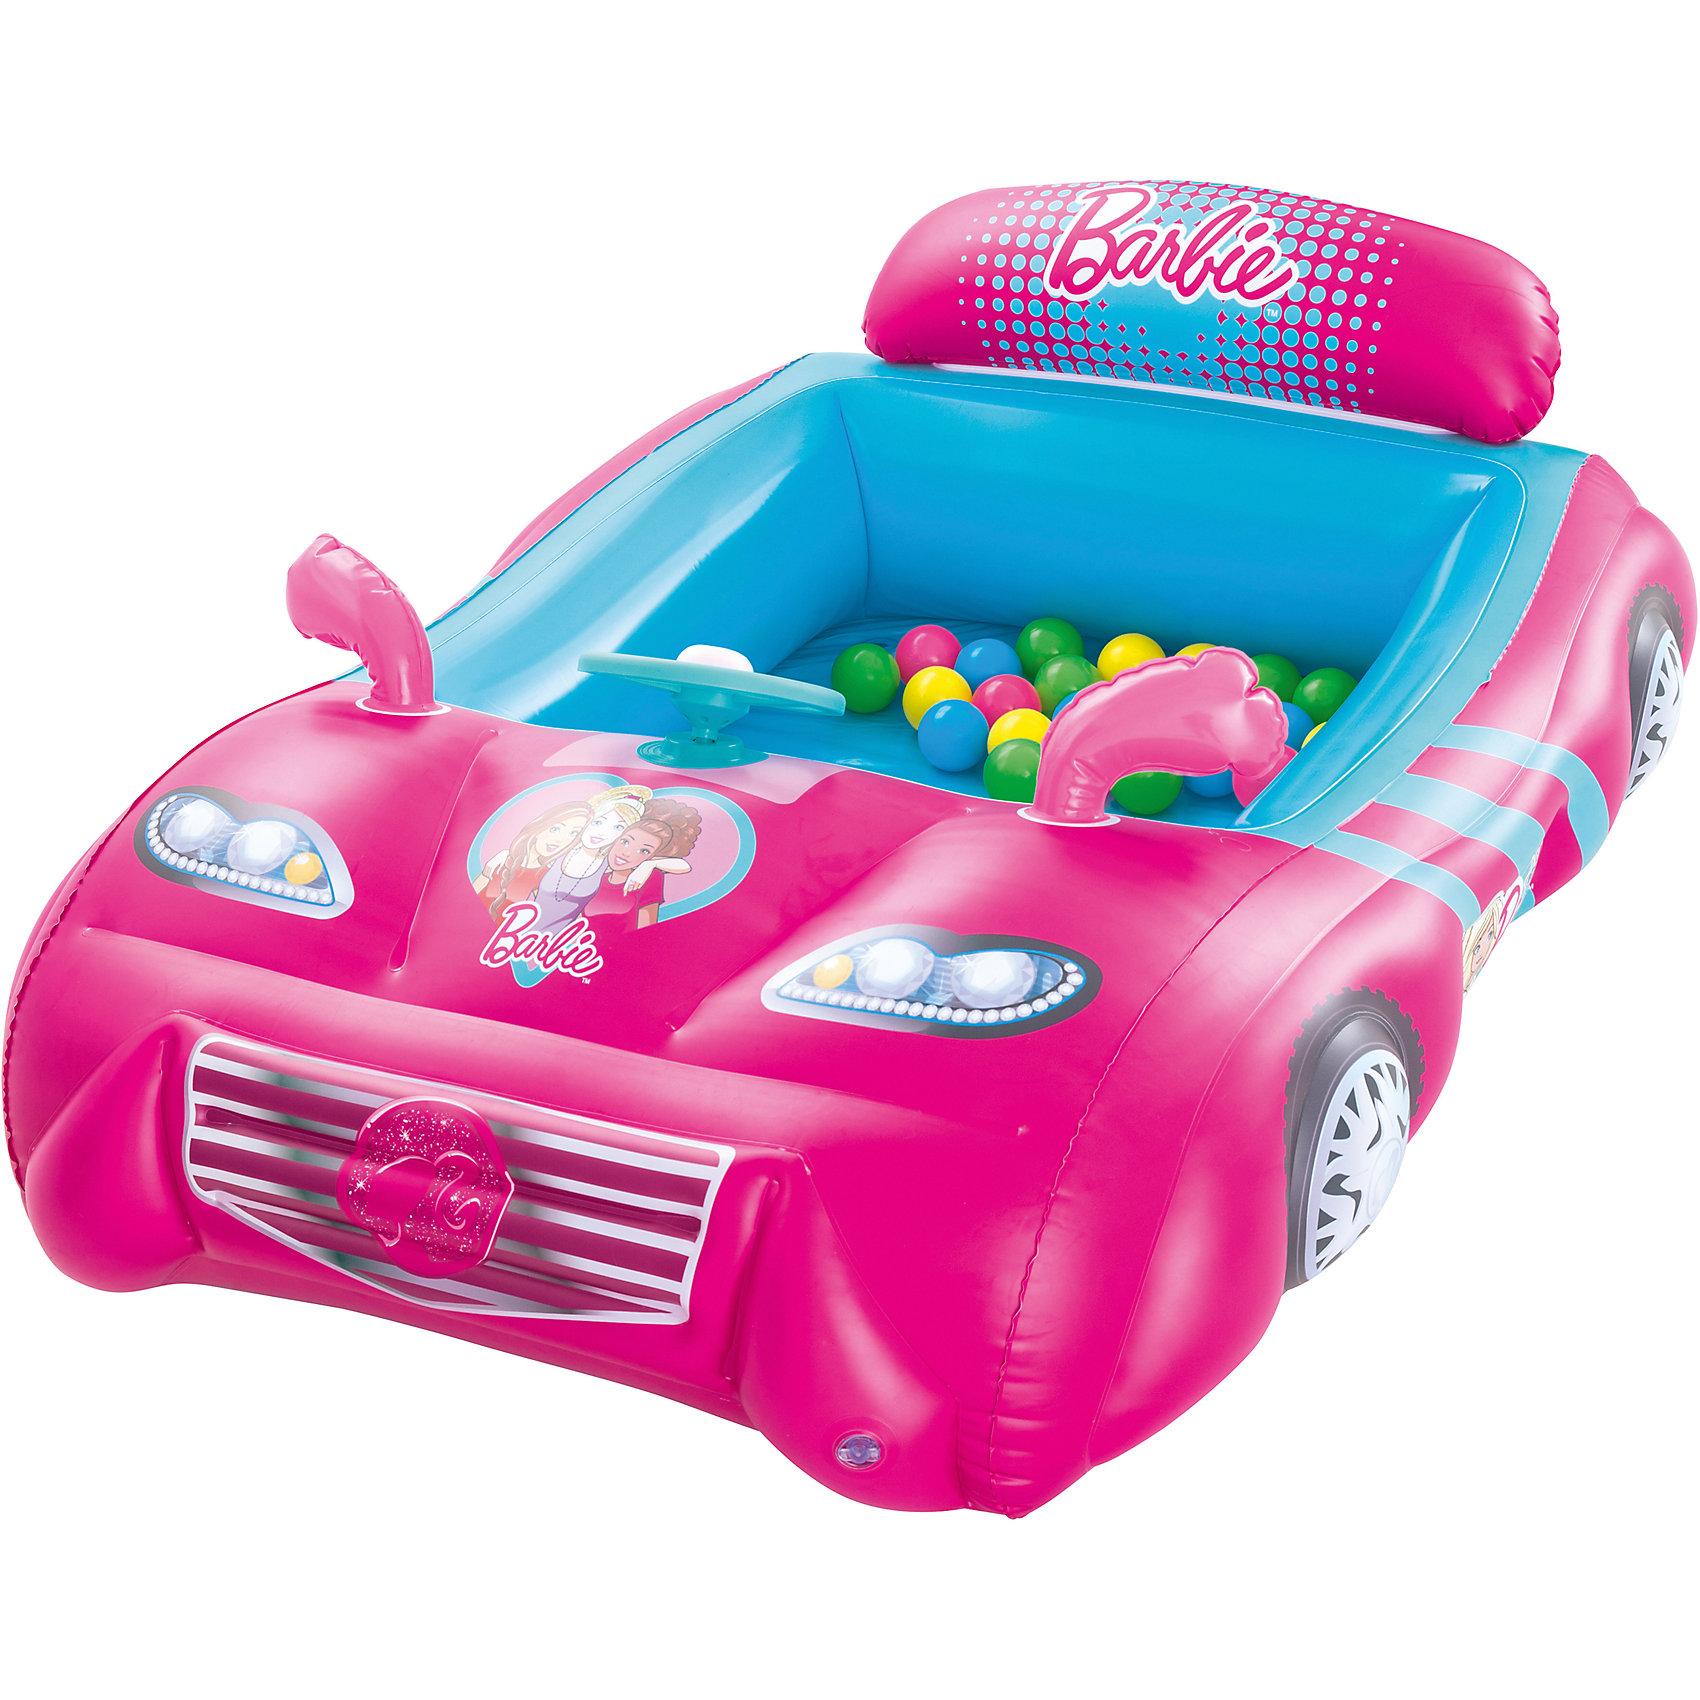 Игровой центр Машина с 25 шариками, Barbie, BestwayИгровой центр Машина с 25 шариками, Barbie, Bestway (Бествей)<br><br>Характеристики:<br><br>• игровой центр в виде спортивной машины<br>• 25 разноцветных шариков в комплекте<br>• яркий дизайн в стиле Барби<br>• прочная конструкция<br>• есть предохранительные клапаны<br>• размер упаковки: 45х25х45 см<br>• вес: 2218 грамм<br><br>Яркий игровой центр позволит девочке почувствовать себя настоящей водительницей спортивной машины. Центр изготовлен из прочного поливинилхлорида. Конструкция устойчиво располагается на гладкой поверхности. Игровой центр выполнен в виде роскошного автомобиля с оформлением в стиле полюбившихся Барби. В комплект входят 25 разноцветных шариков, которым кроха обязательно найдет применение.<br><br>Игровой центр Машина с 25 шариками, Barbie, Bestway (Бествей) можно купить в нашем интернет-магазине.<br><br>Ширина мм: 455<br>Глубина мм: 415<br>Высота мм: 410<br>Вес г: 2218<br>Возраст от месяцев: 24<br>Возраст до месяцев: 2147483647<br>Пол: Женский<br>Возраст: Детский<br>SKU: 5486974